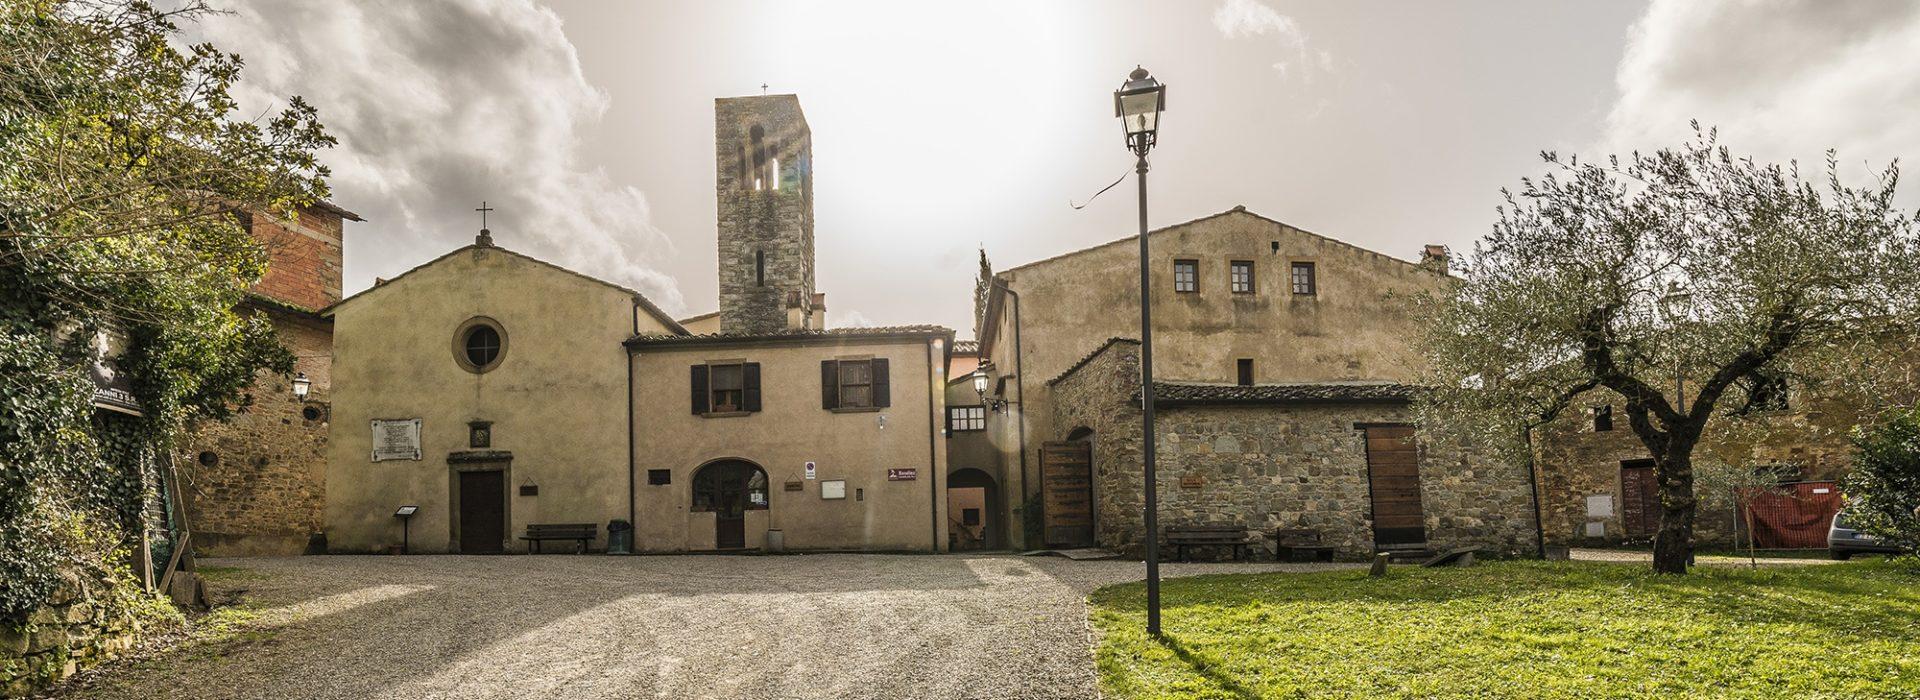 2014 02 17 Borgo Rondine-3